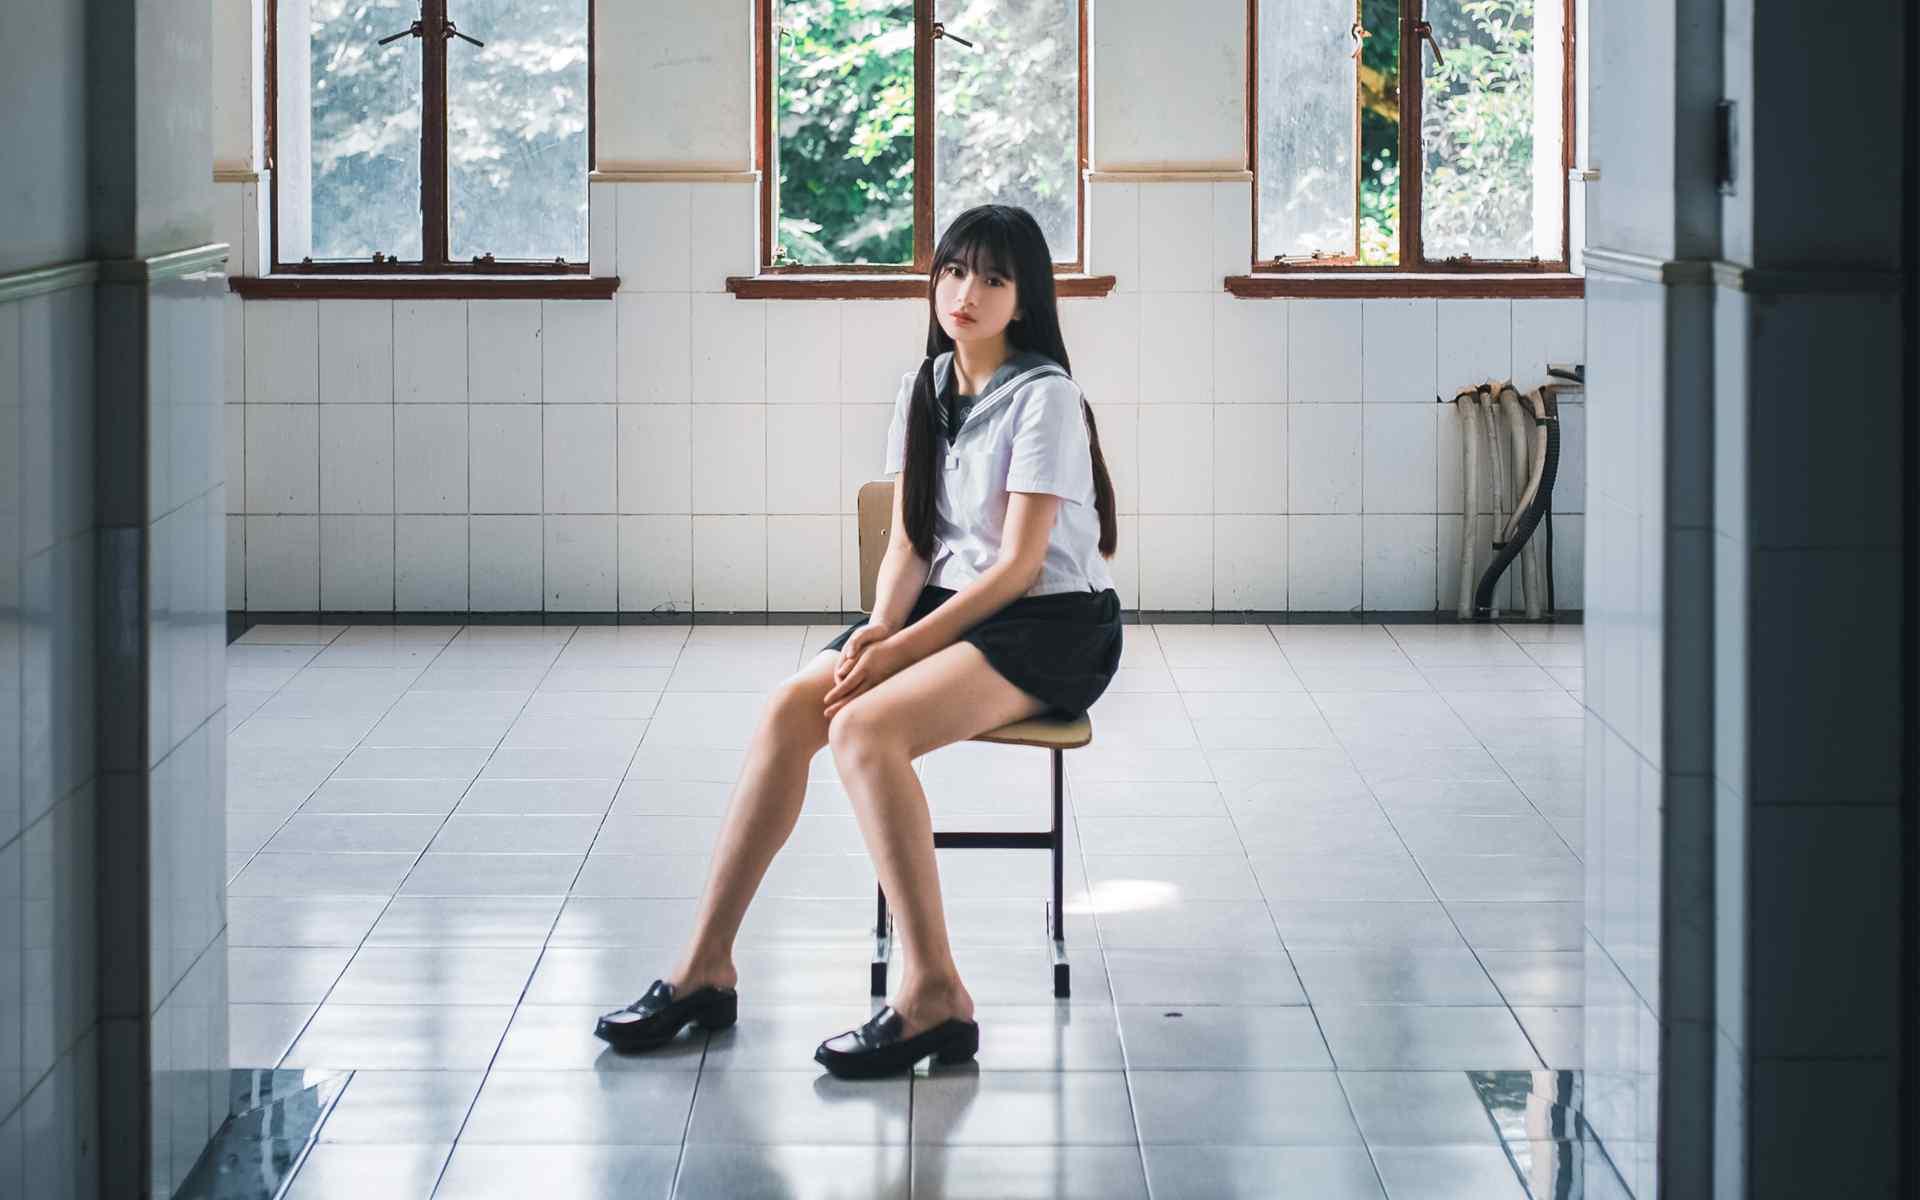 日系校园美女制服唯美图片高清写真桌面壁纸